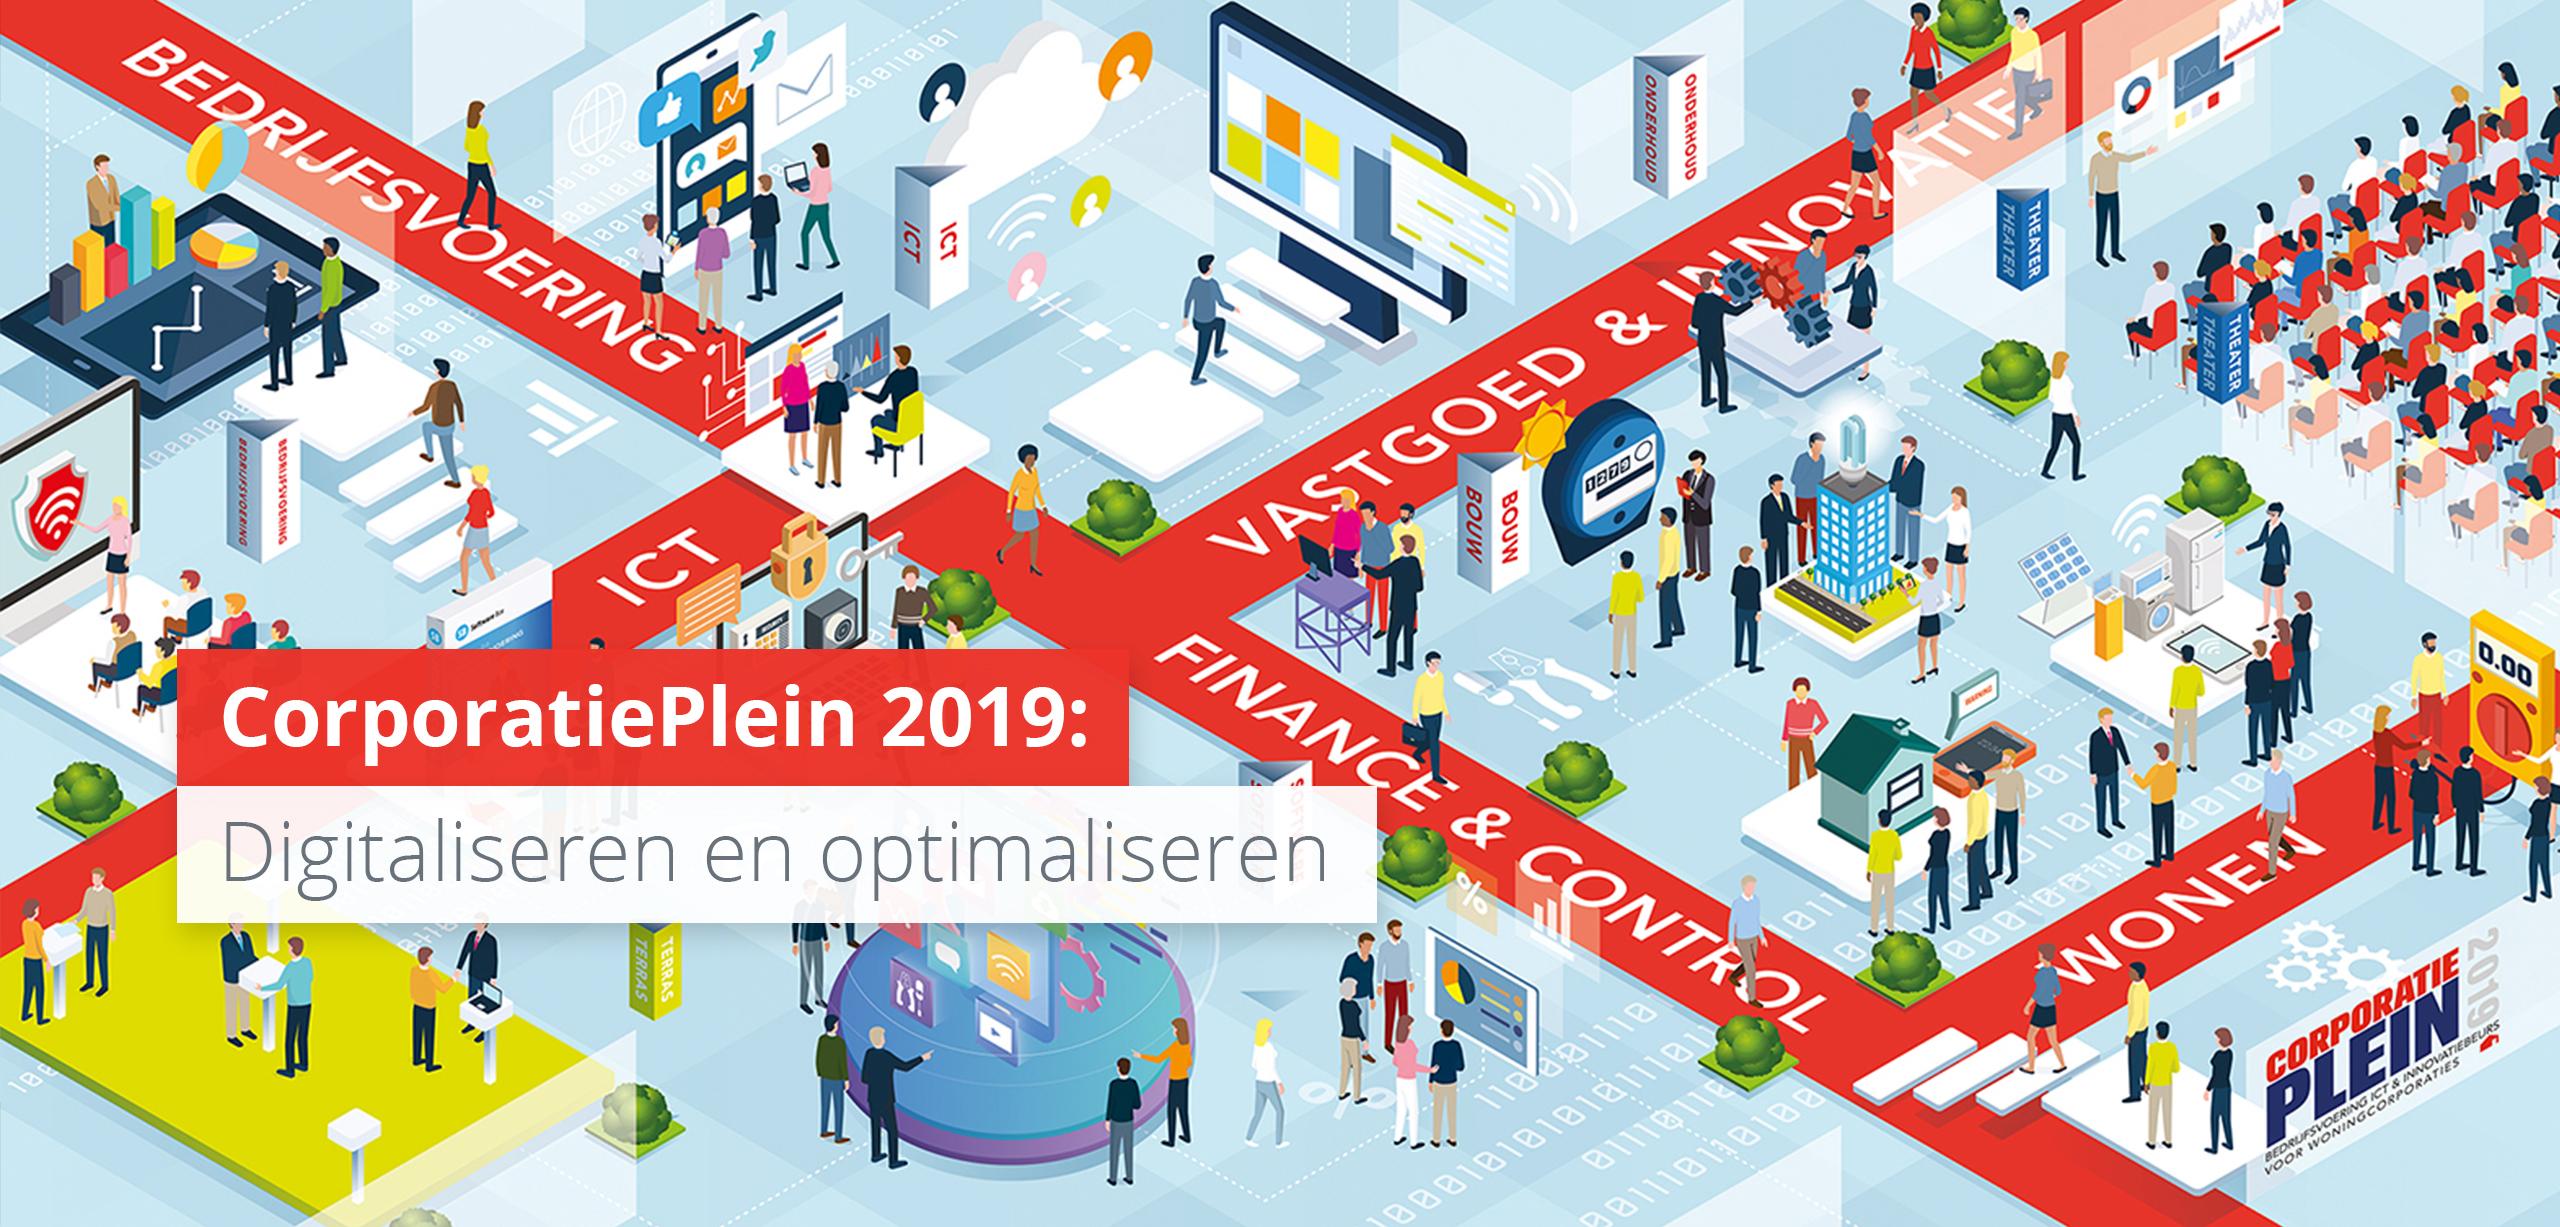 Squerist Nieuws CorporatiePlein 2019